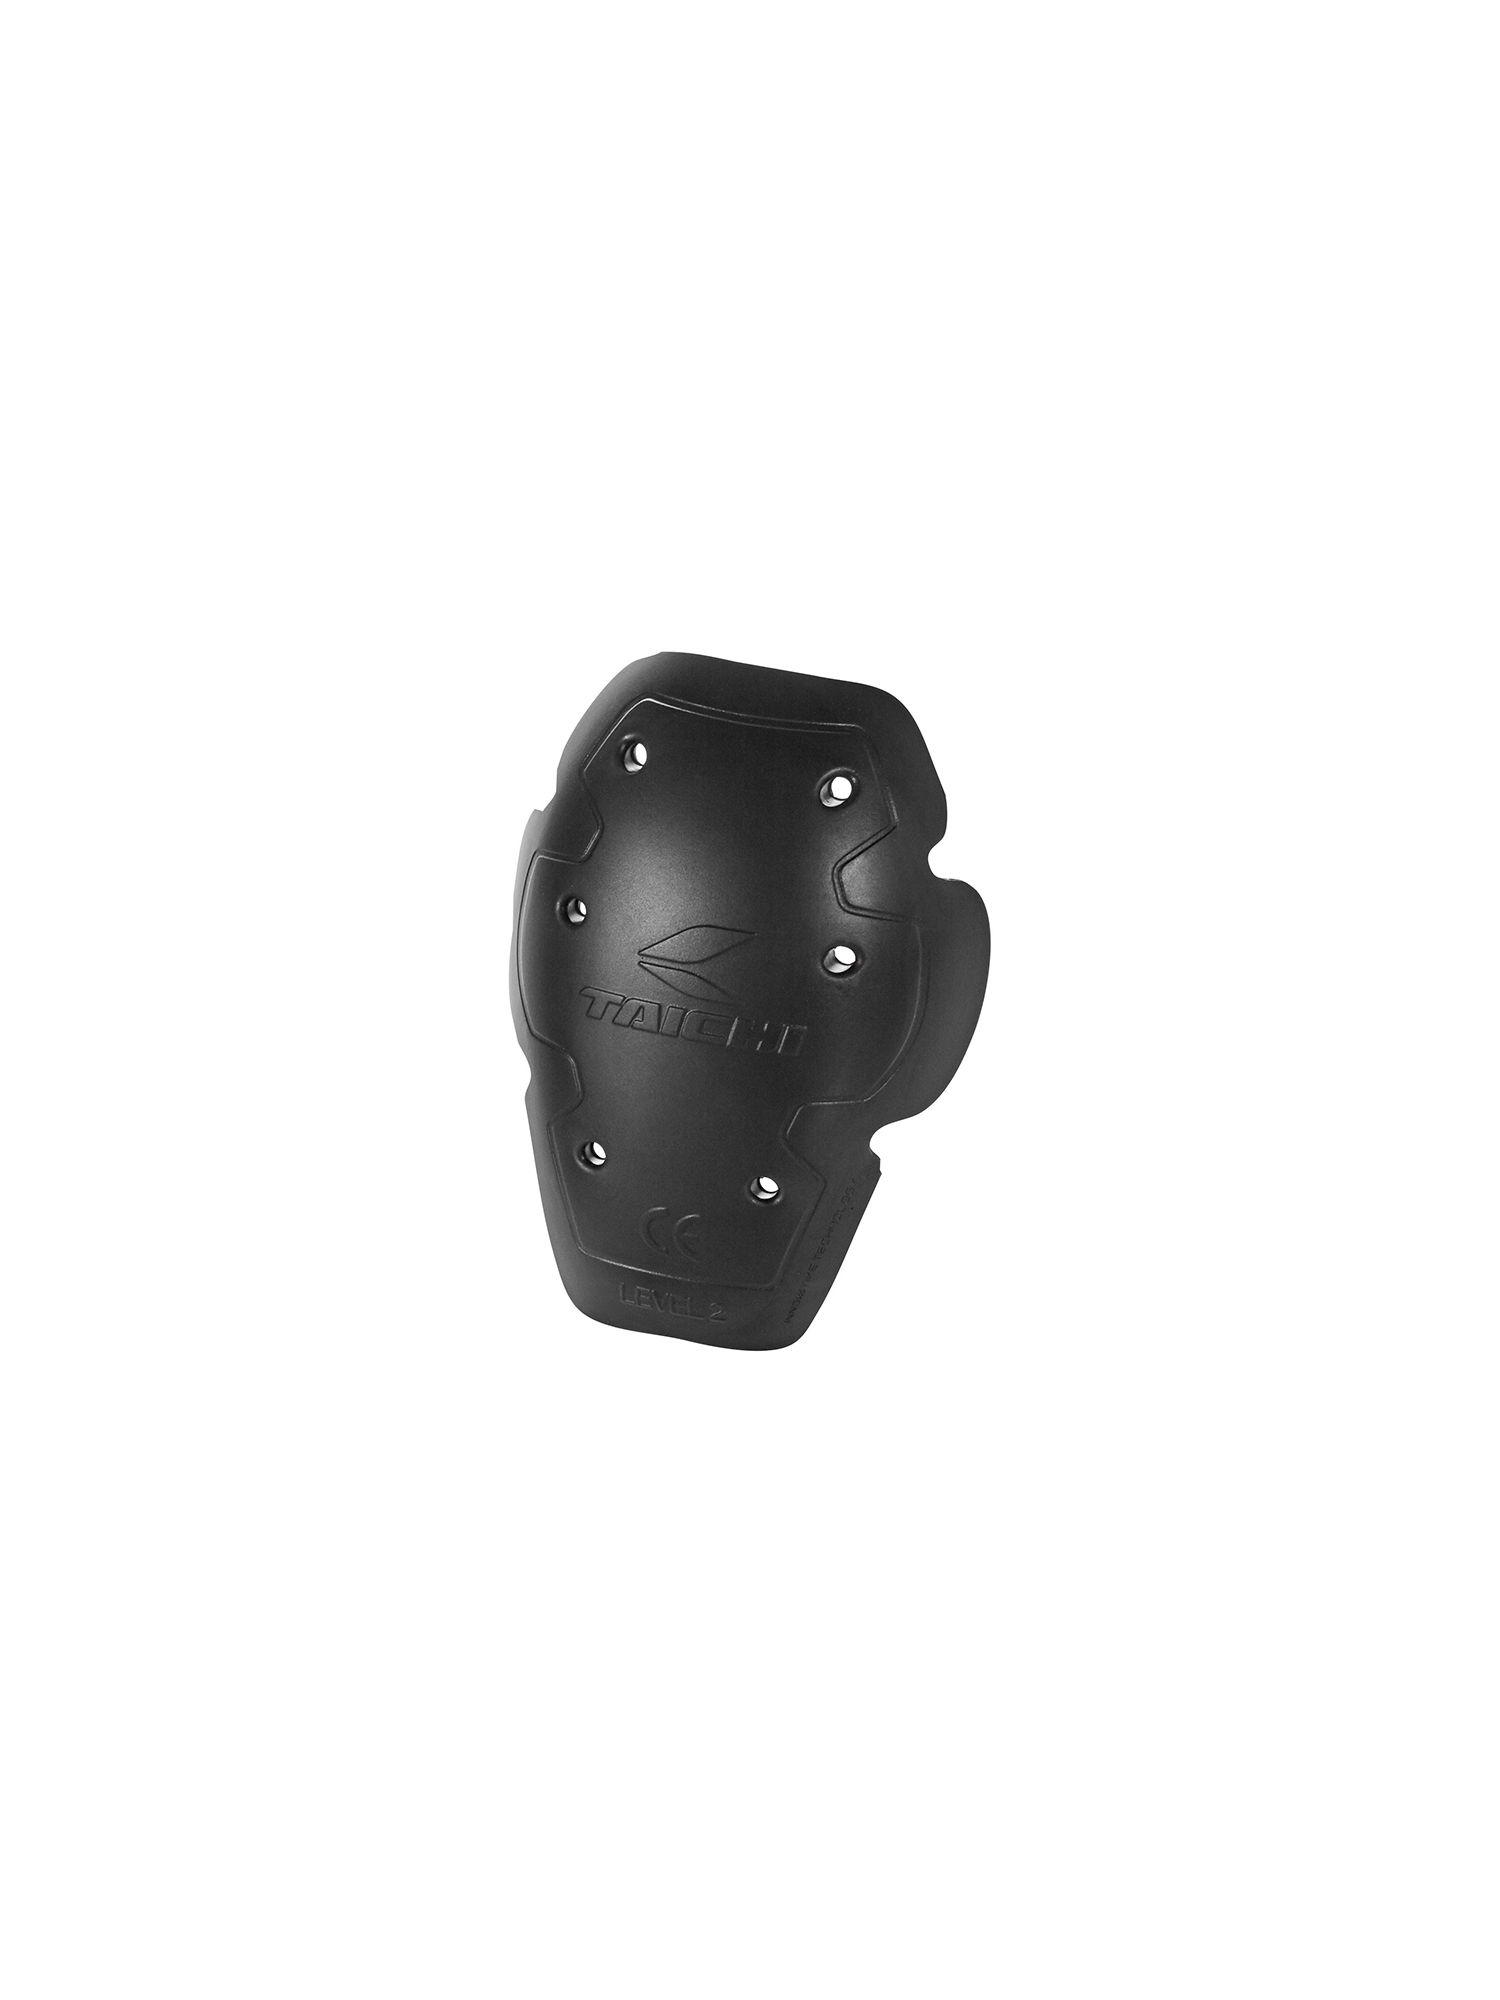 TRV078 | EXSORB CE(LV2) PROTECTOR (FOR SHOULDER)[1color]